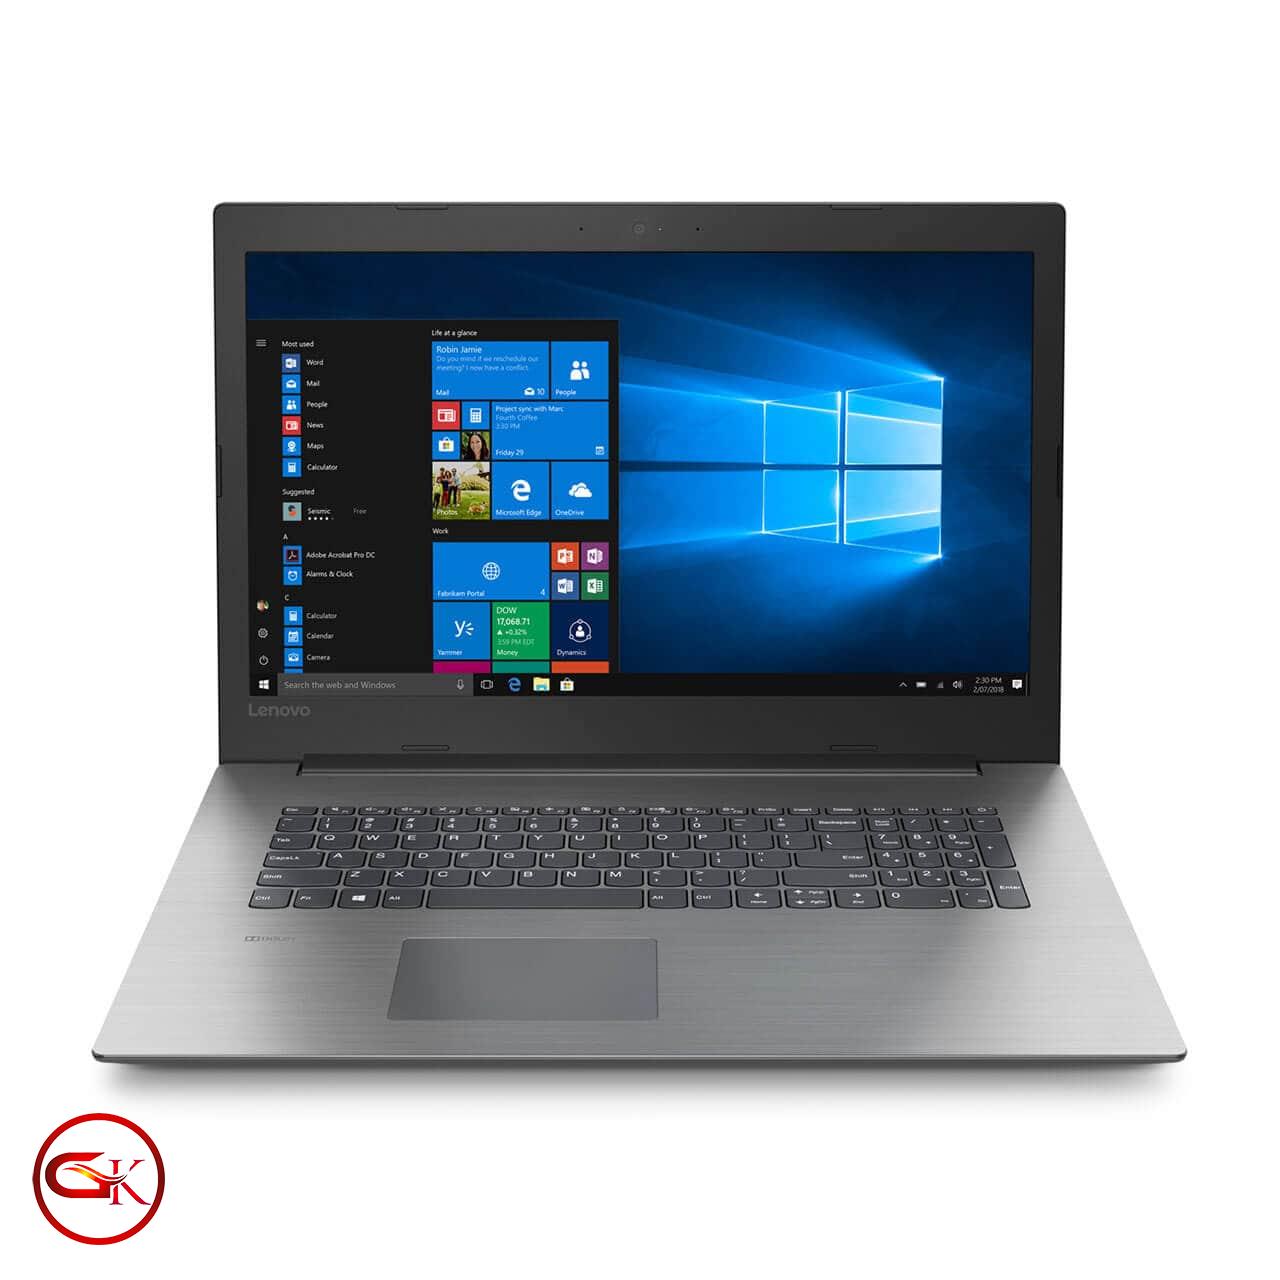 لپ تاپ لنوو مدل lenovo Ideapad IP330|i7 8550U|ATI R5 M530 4GB|RAM 8GB